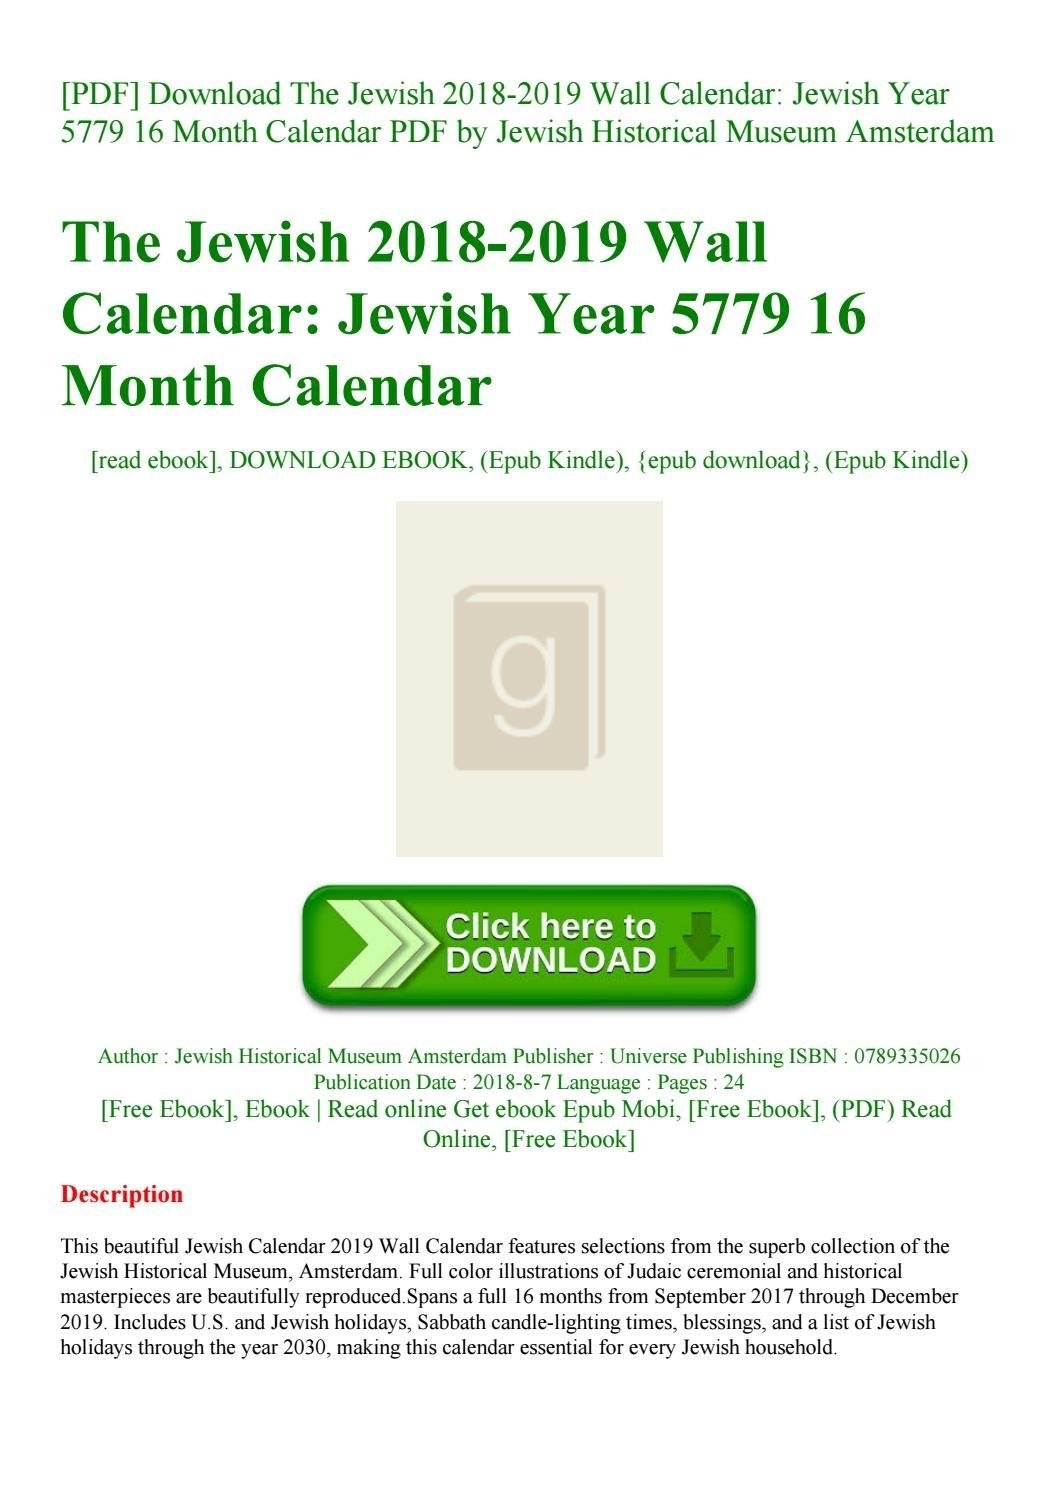 Pdf] Download The Jewish 2018-2019 Wall Calendar Jewish Year 5779 16